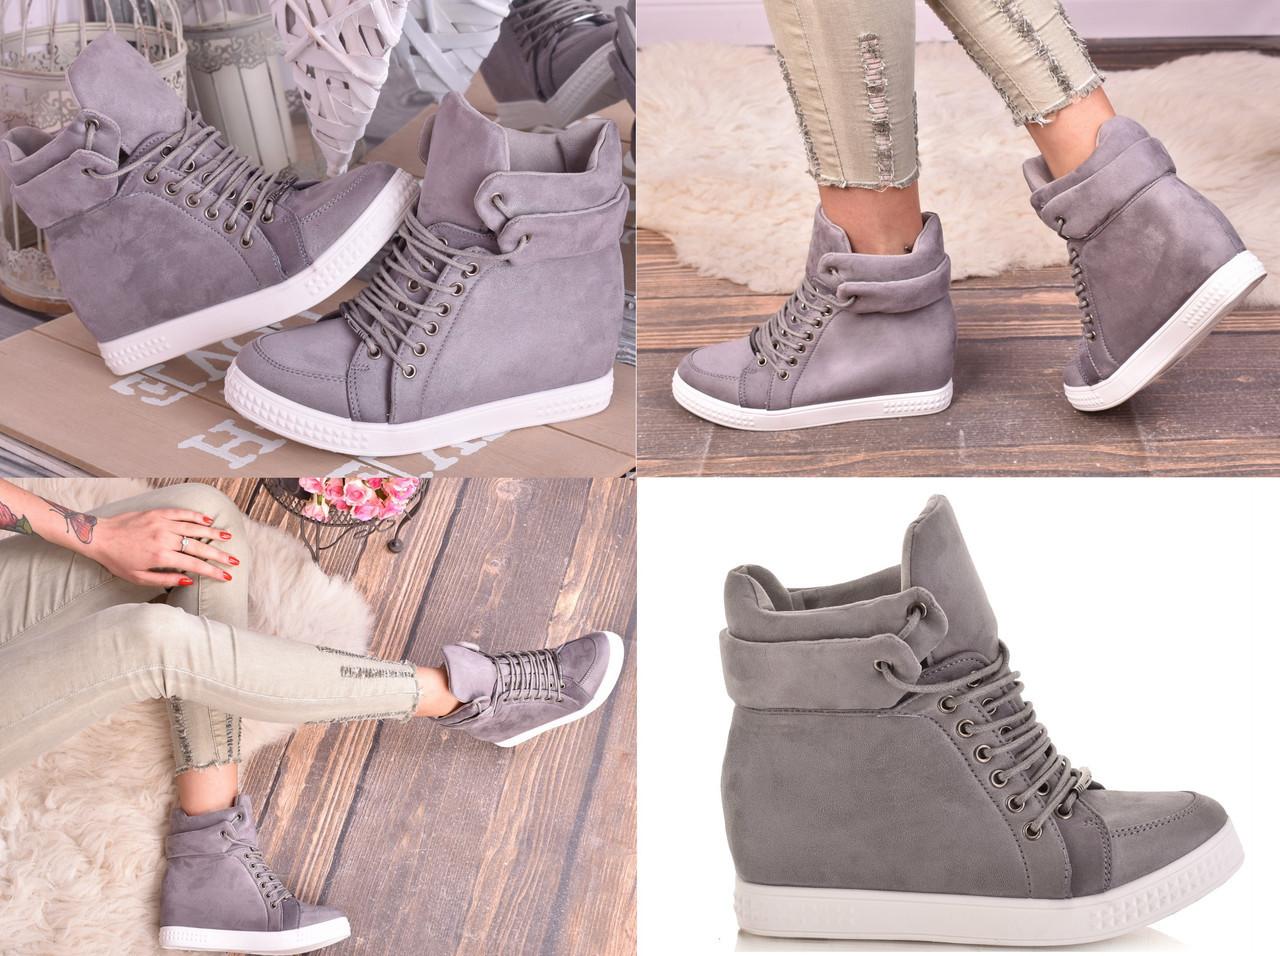 Женские сникерсы, обувь женская, ботильоны, ботинки женские - Naff.com.ua 42c4386ed0e